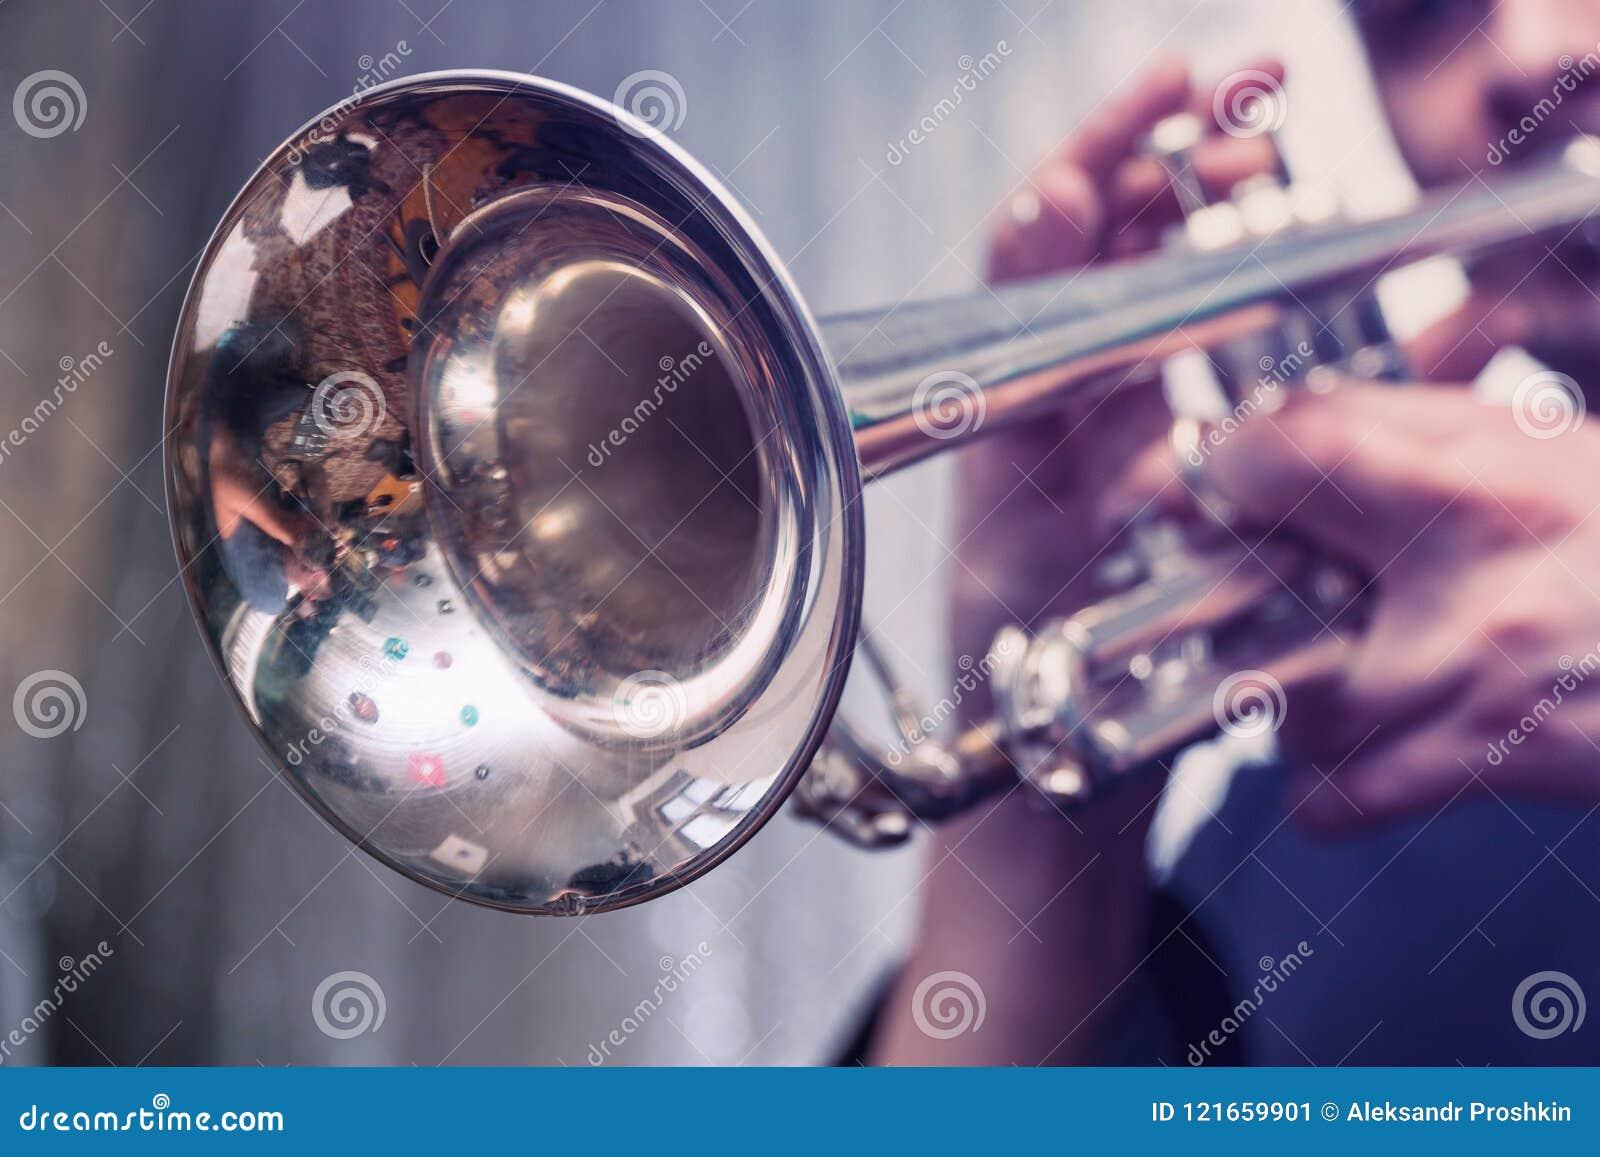 Trompeter spielt auf einer silbernen Trompete